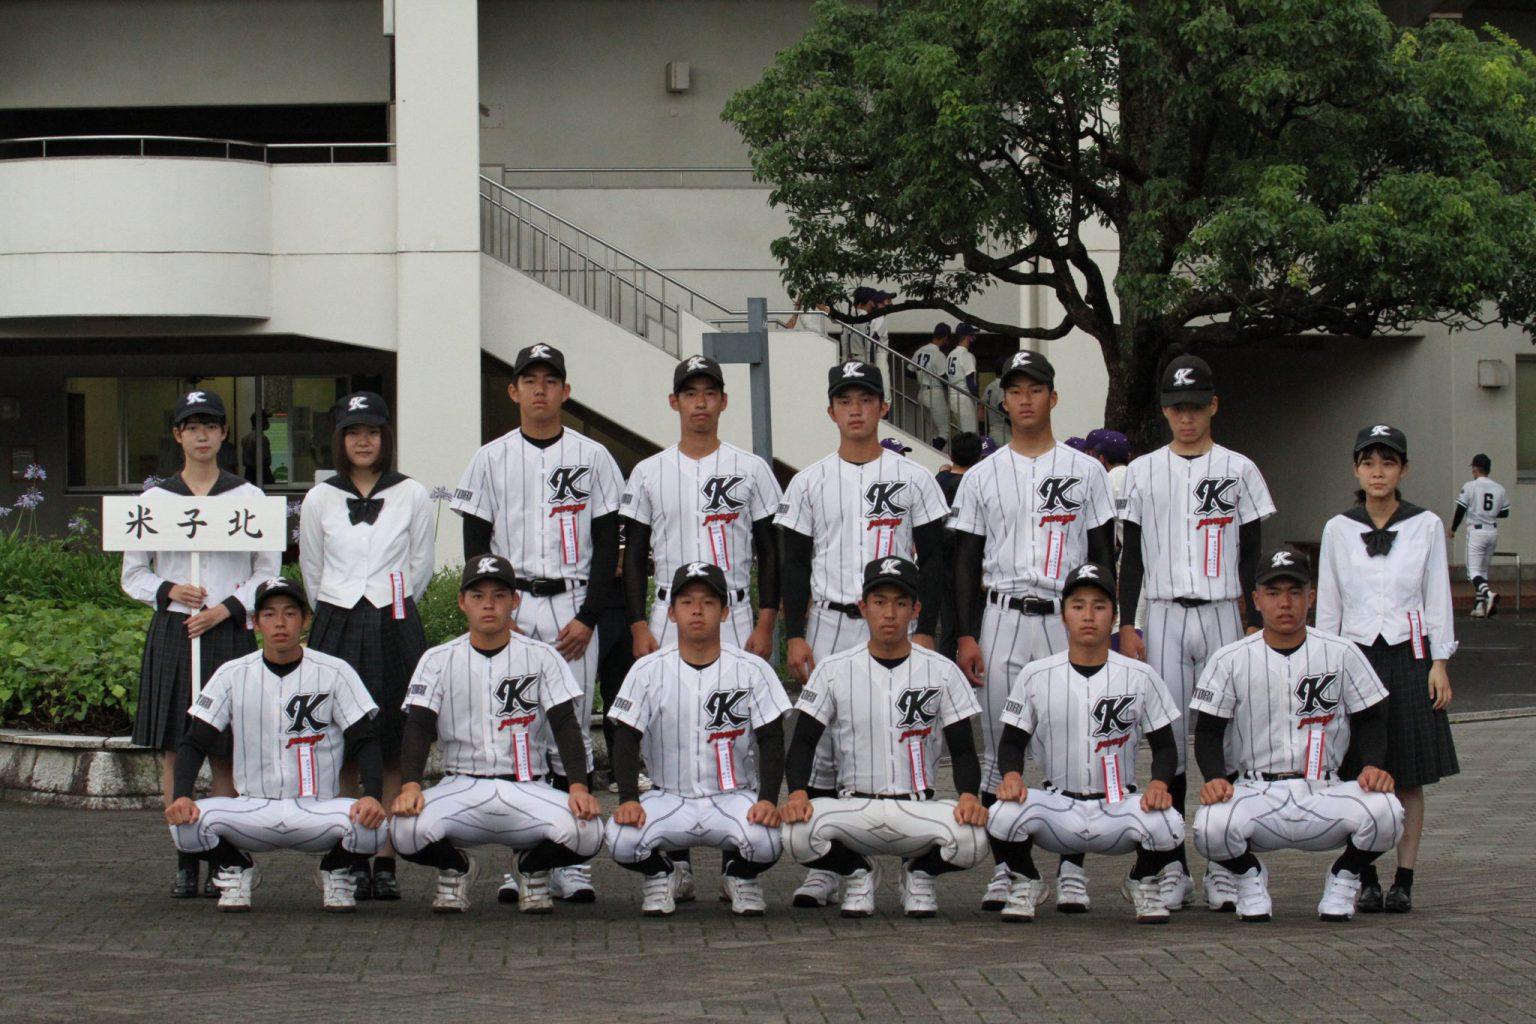 2020年夏季鳥取県高校野球大会開幕!